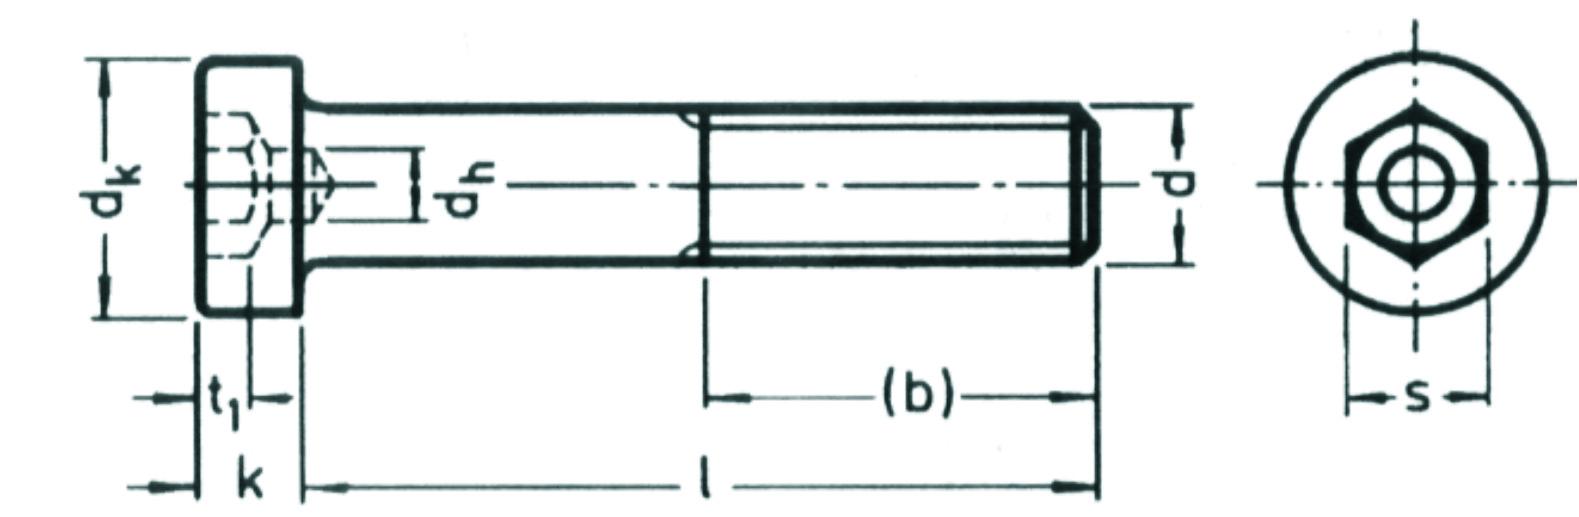 Schön DIN 6912 Zylinderschraube mit Innensechskant und niedrigem Kopf  WI76